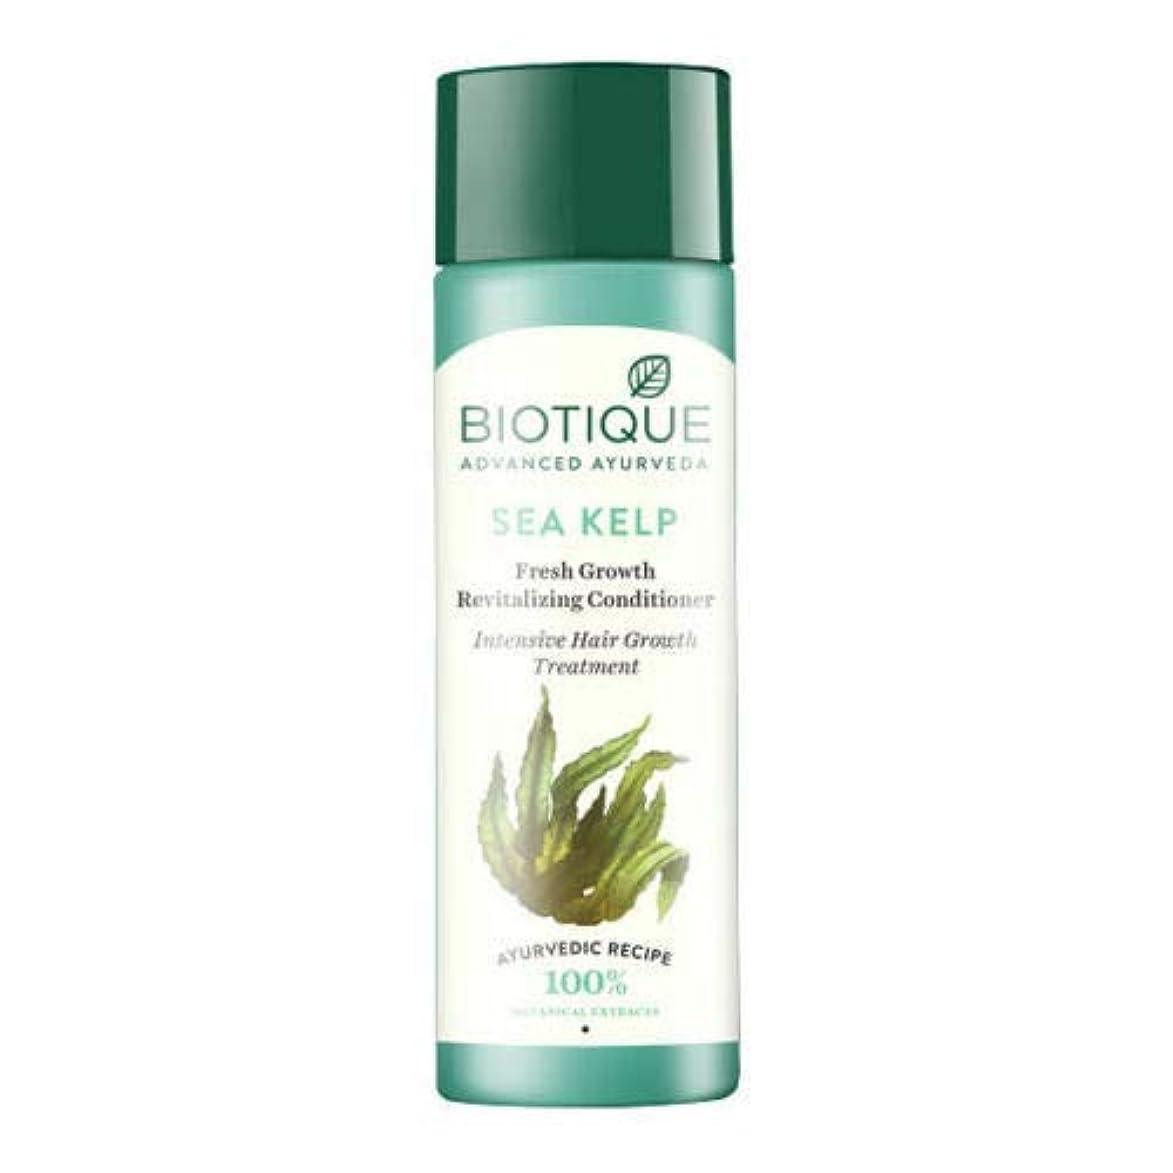 結紮押し下げる有利Biotique Bio Sea Kelp Fresh Growth Revitalizing Conditioner (120 ml) hair Growth Biotiqueバイオシーケルプフレッシュグロースリジュライジングコンディショナー育毛